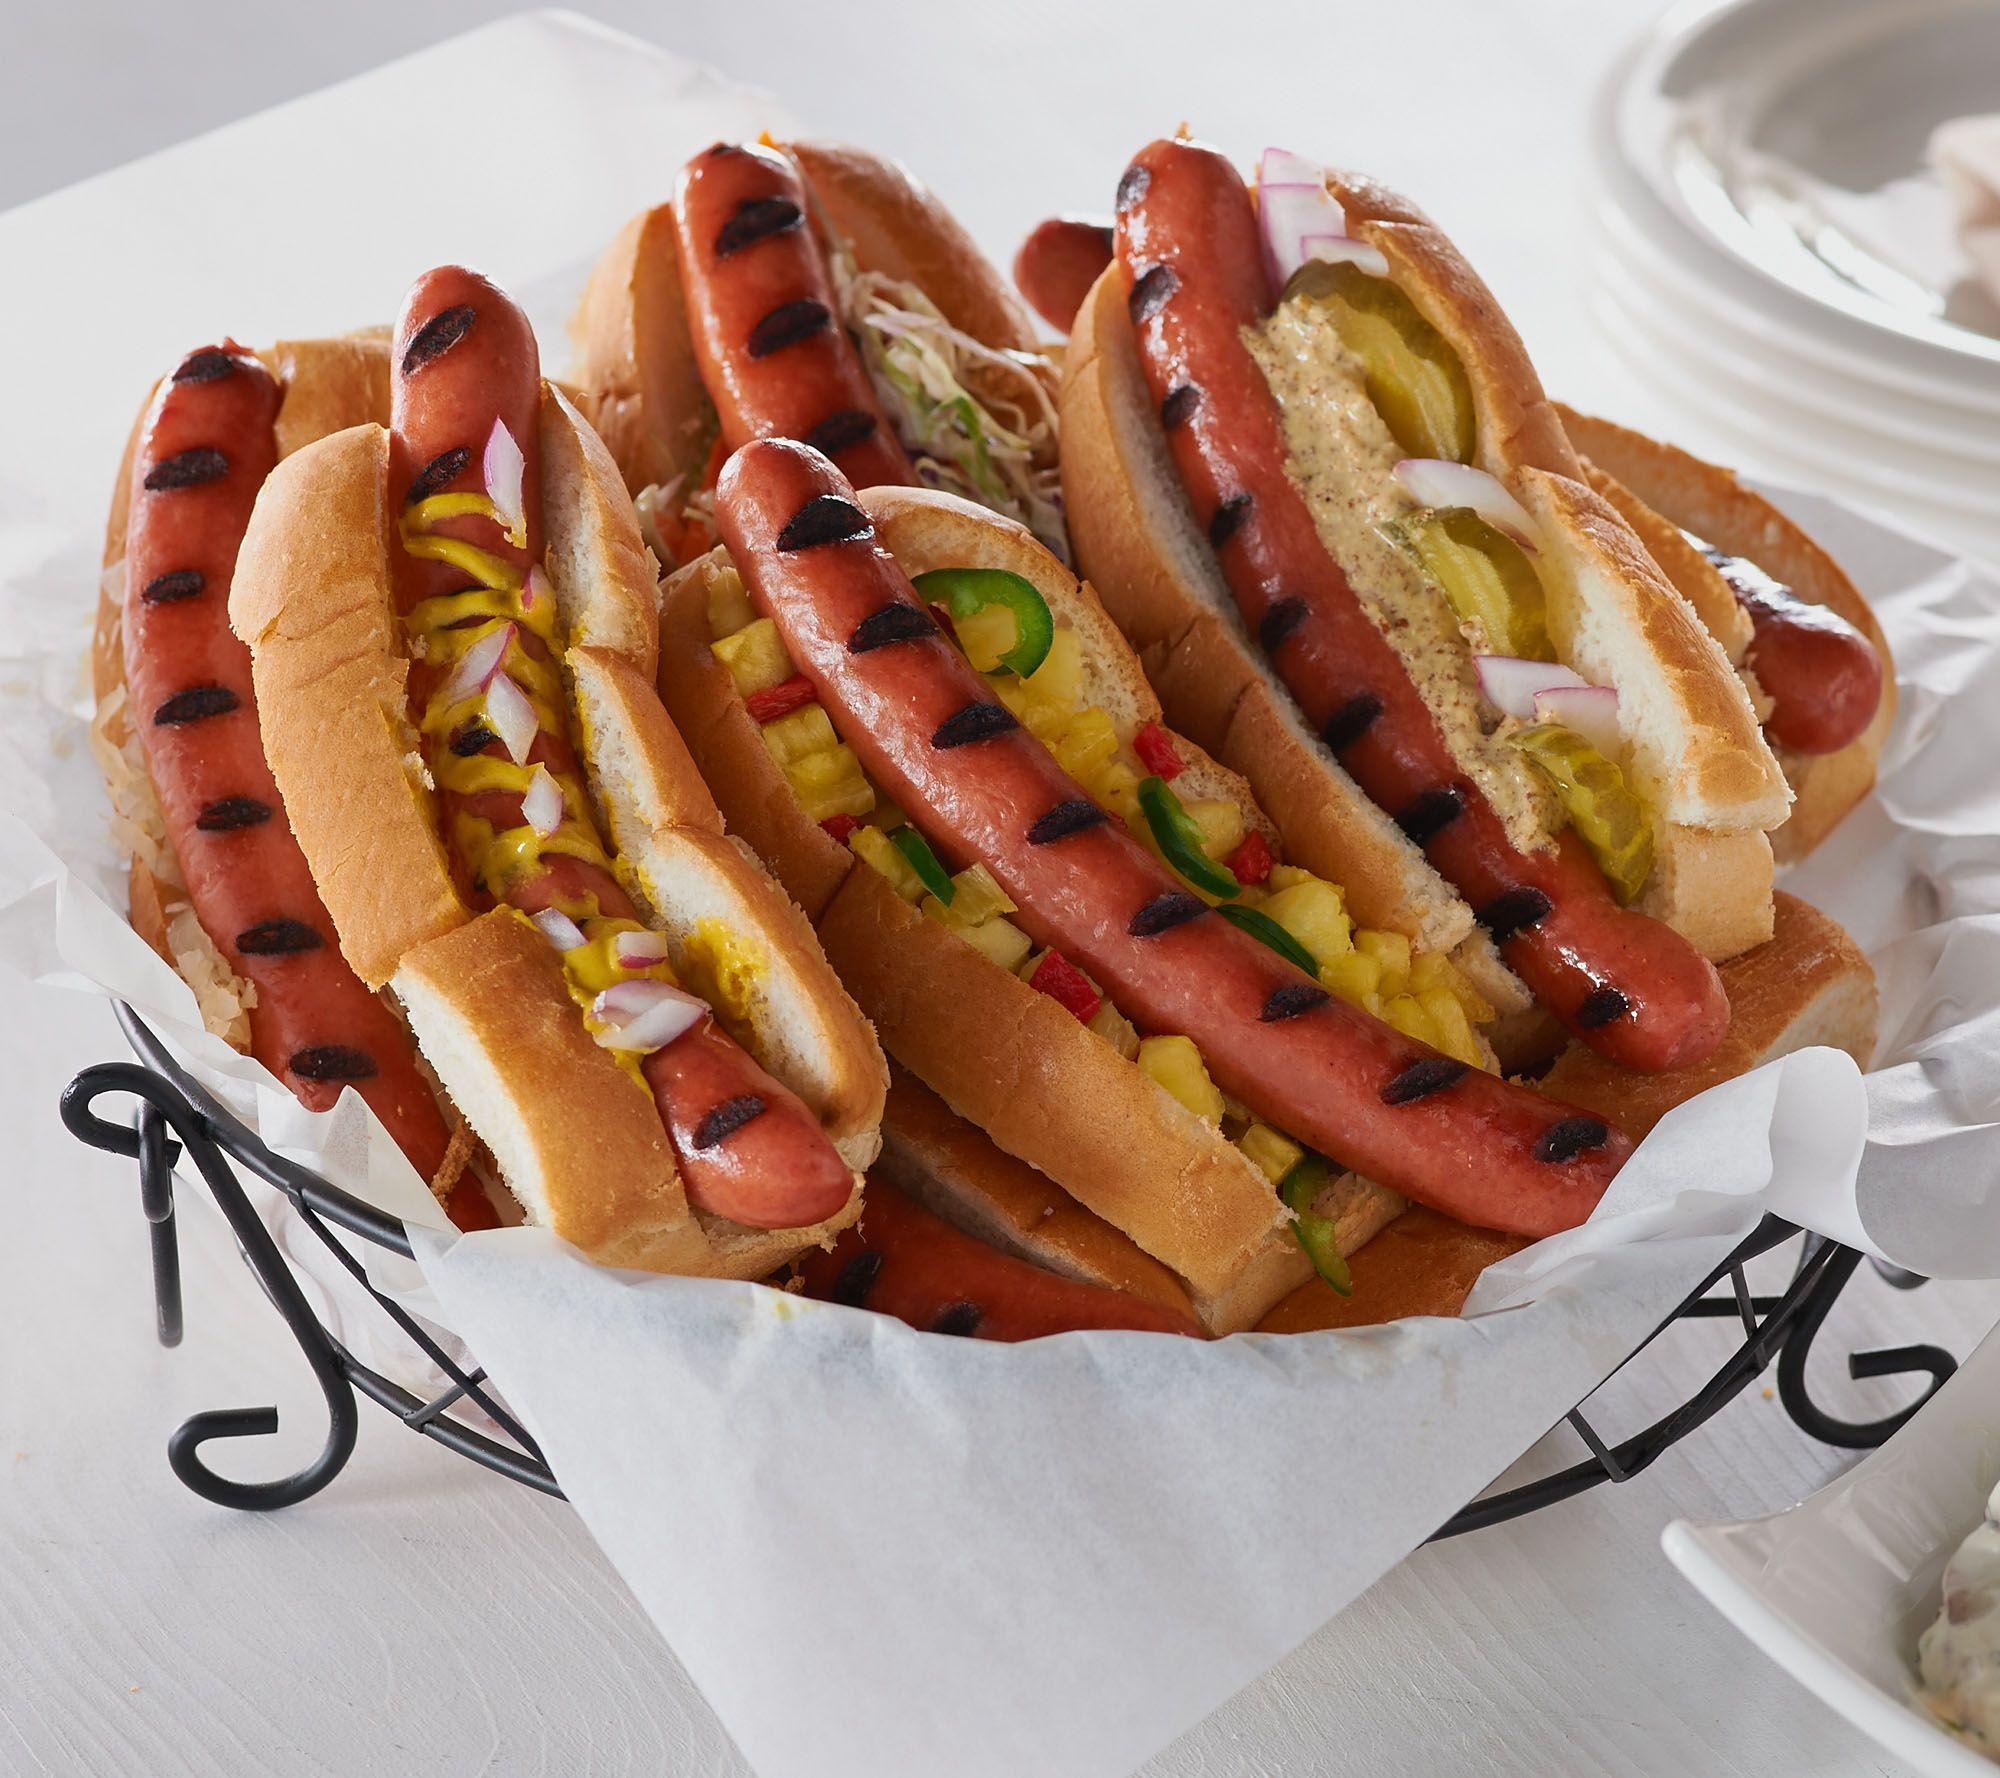 Papaya King What Brand Hot Dogs